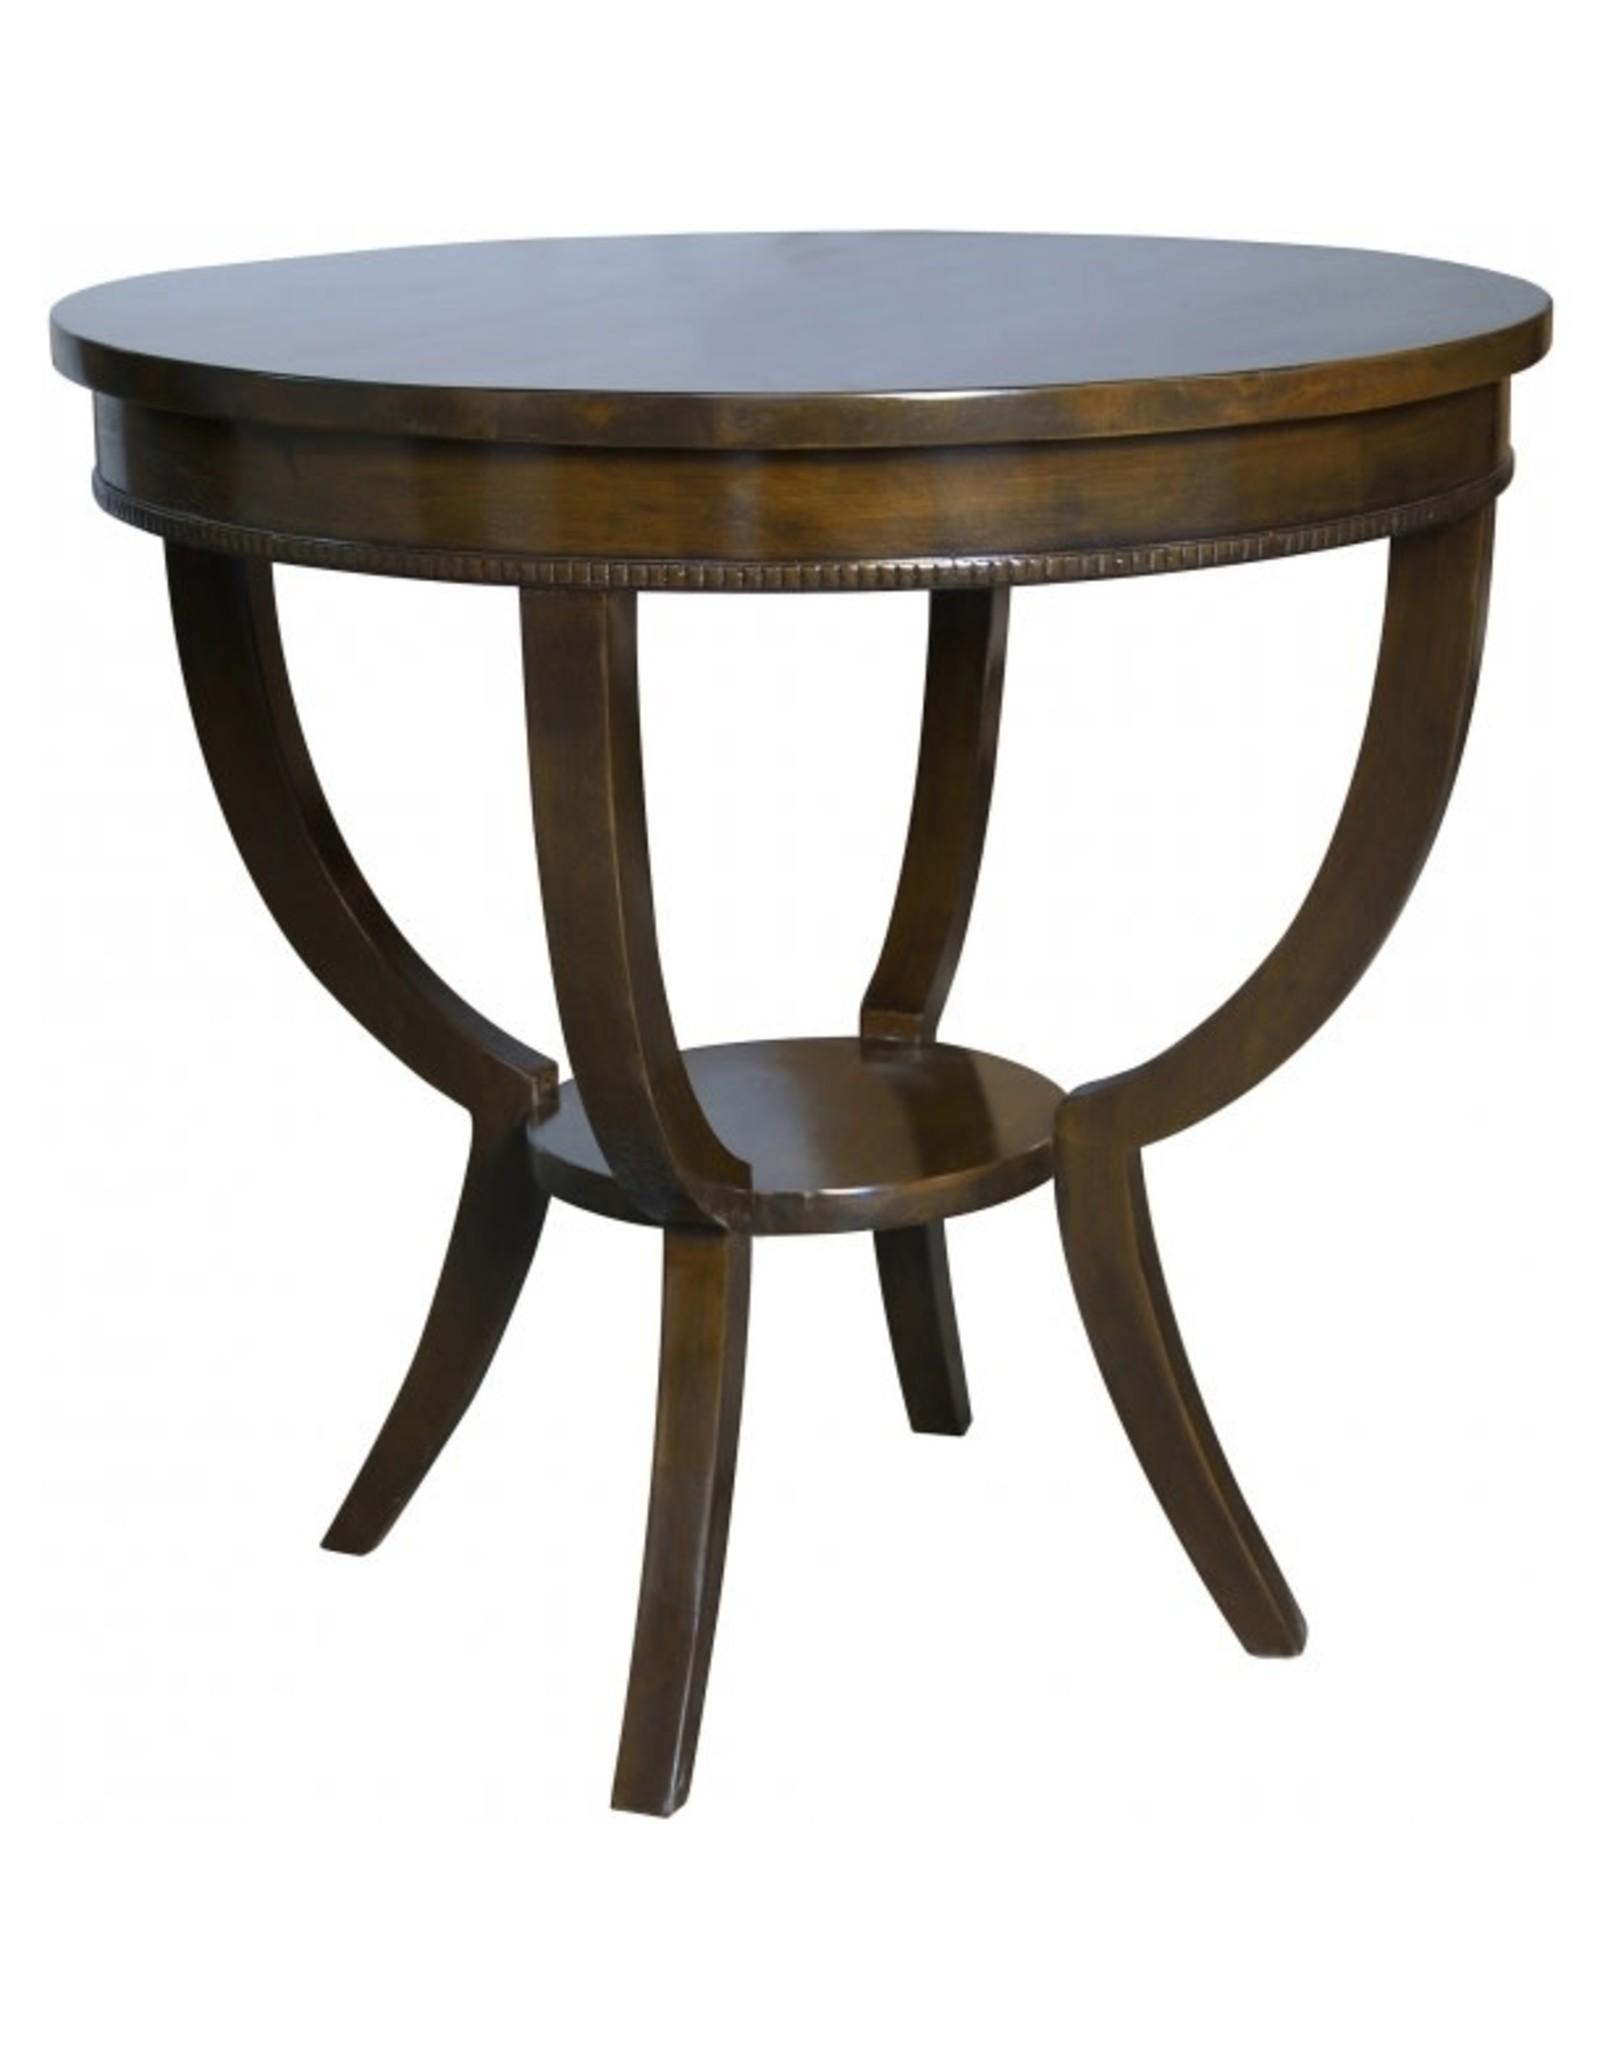 Website Noir Scheffield Round End Table - Distressed Brown